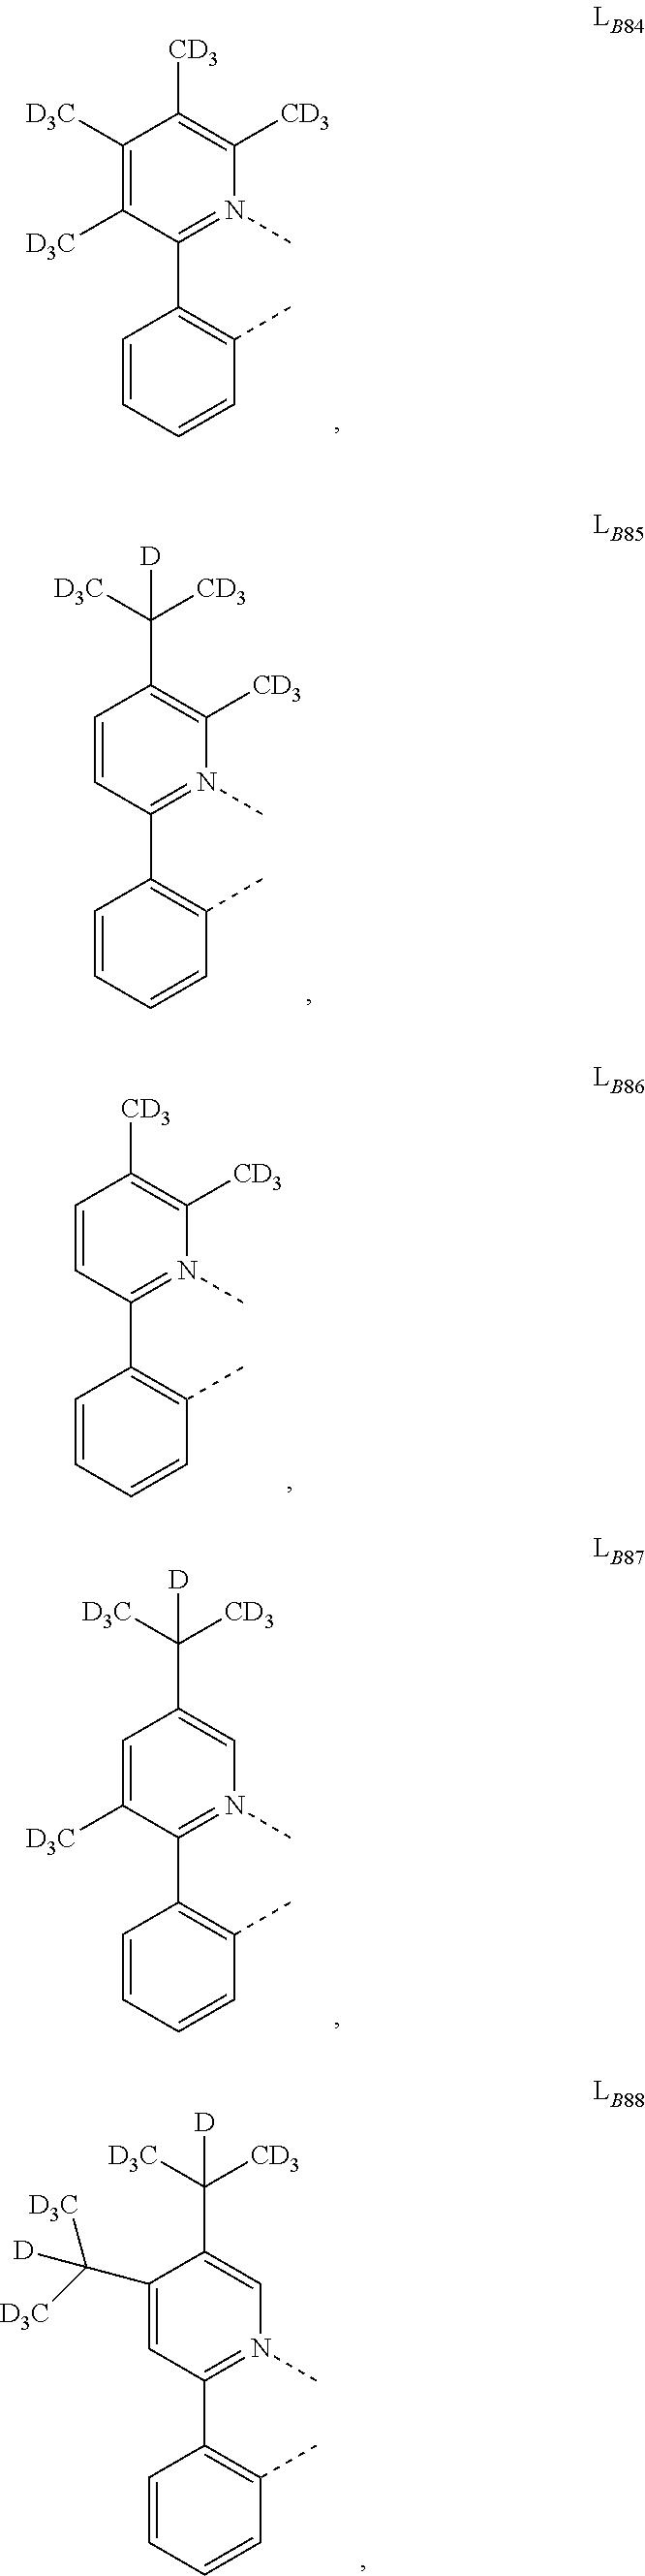 Figure US20160049599A1-20160218-C00130